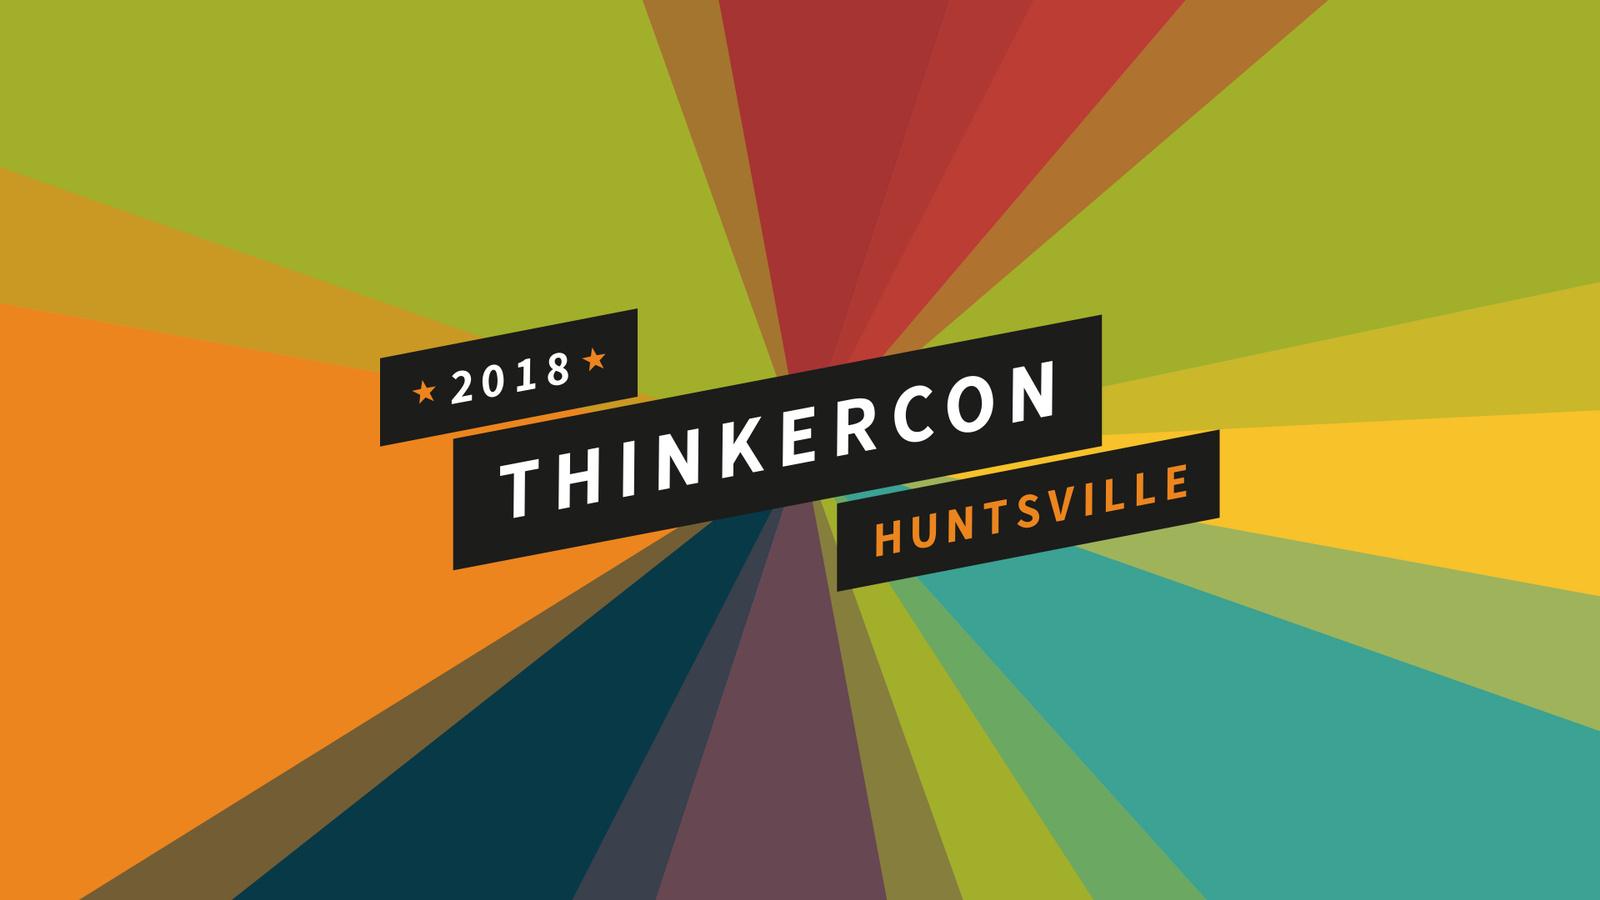 ThinkerCon 2018